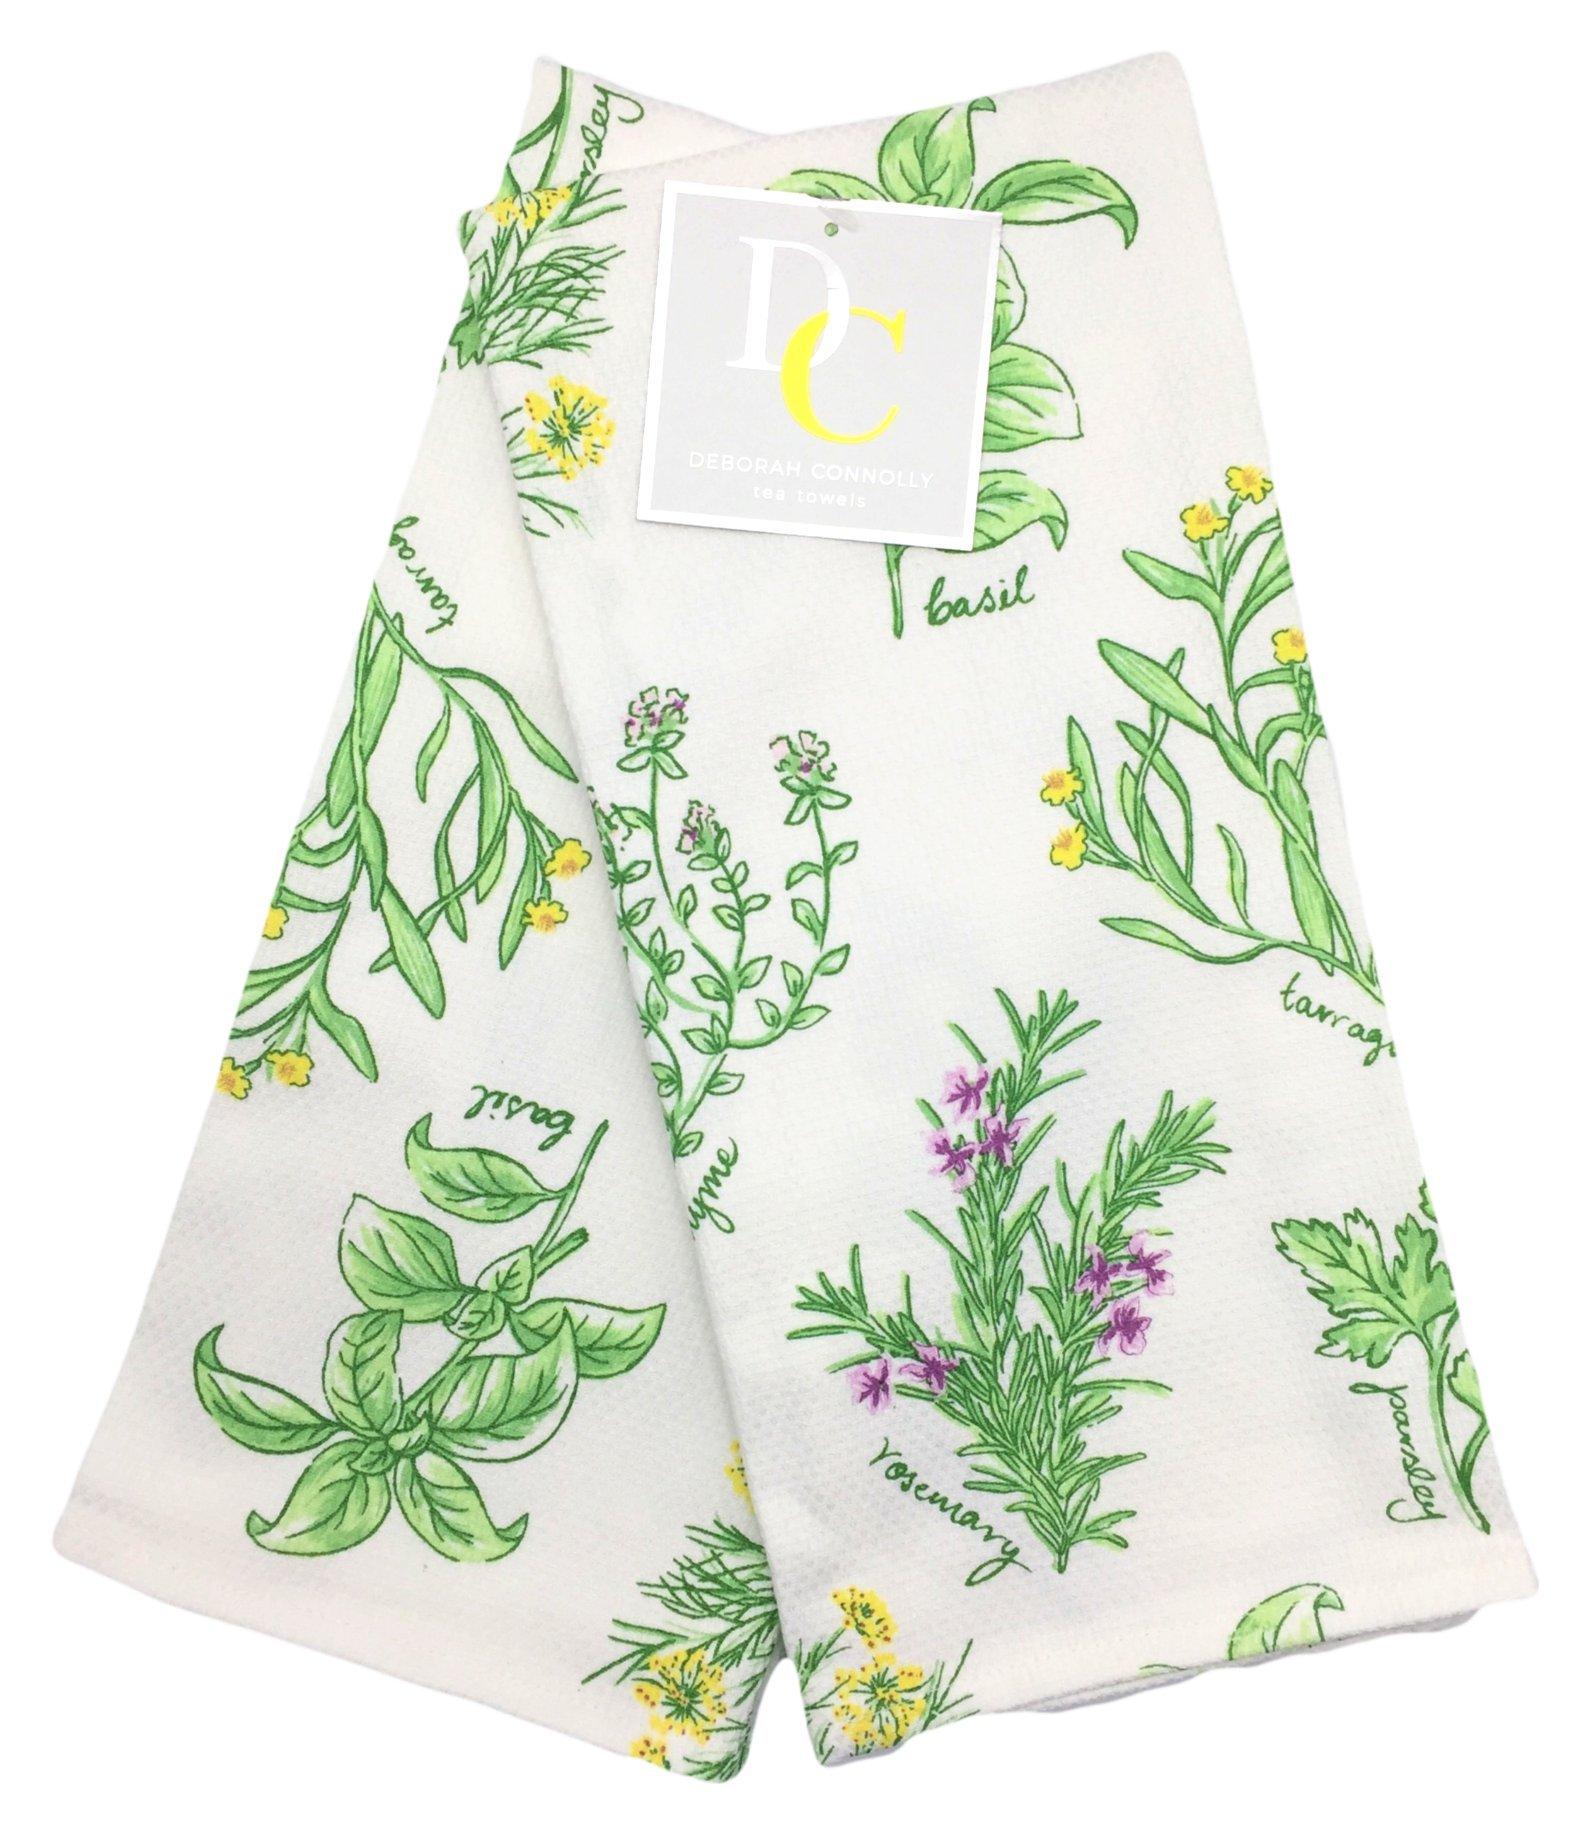 Deborah Connolly Garden Herbs Kitchen Tea Towels